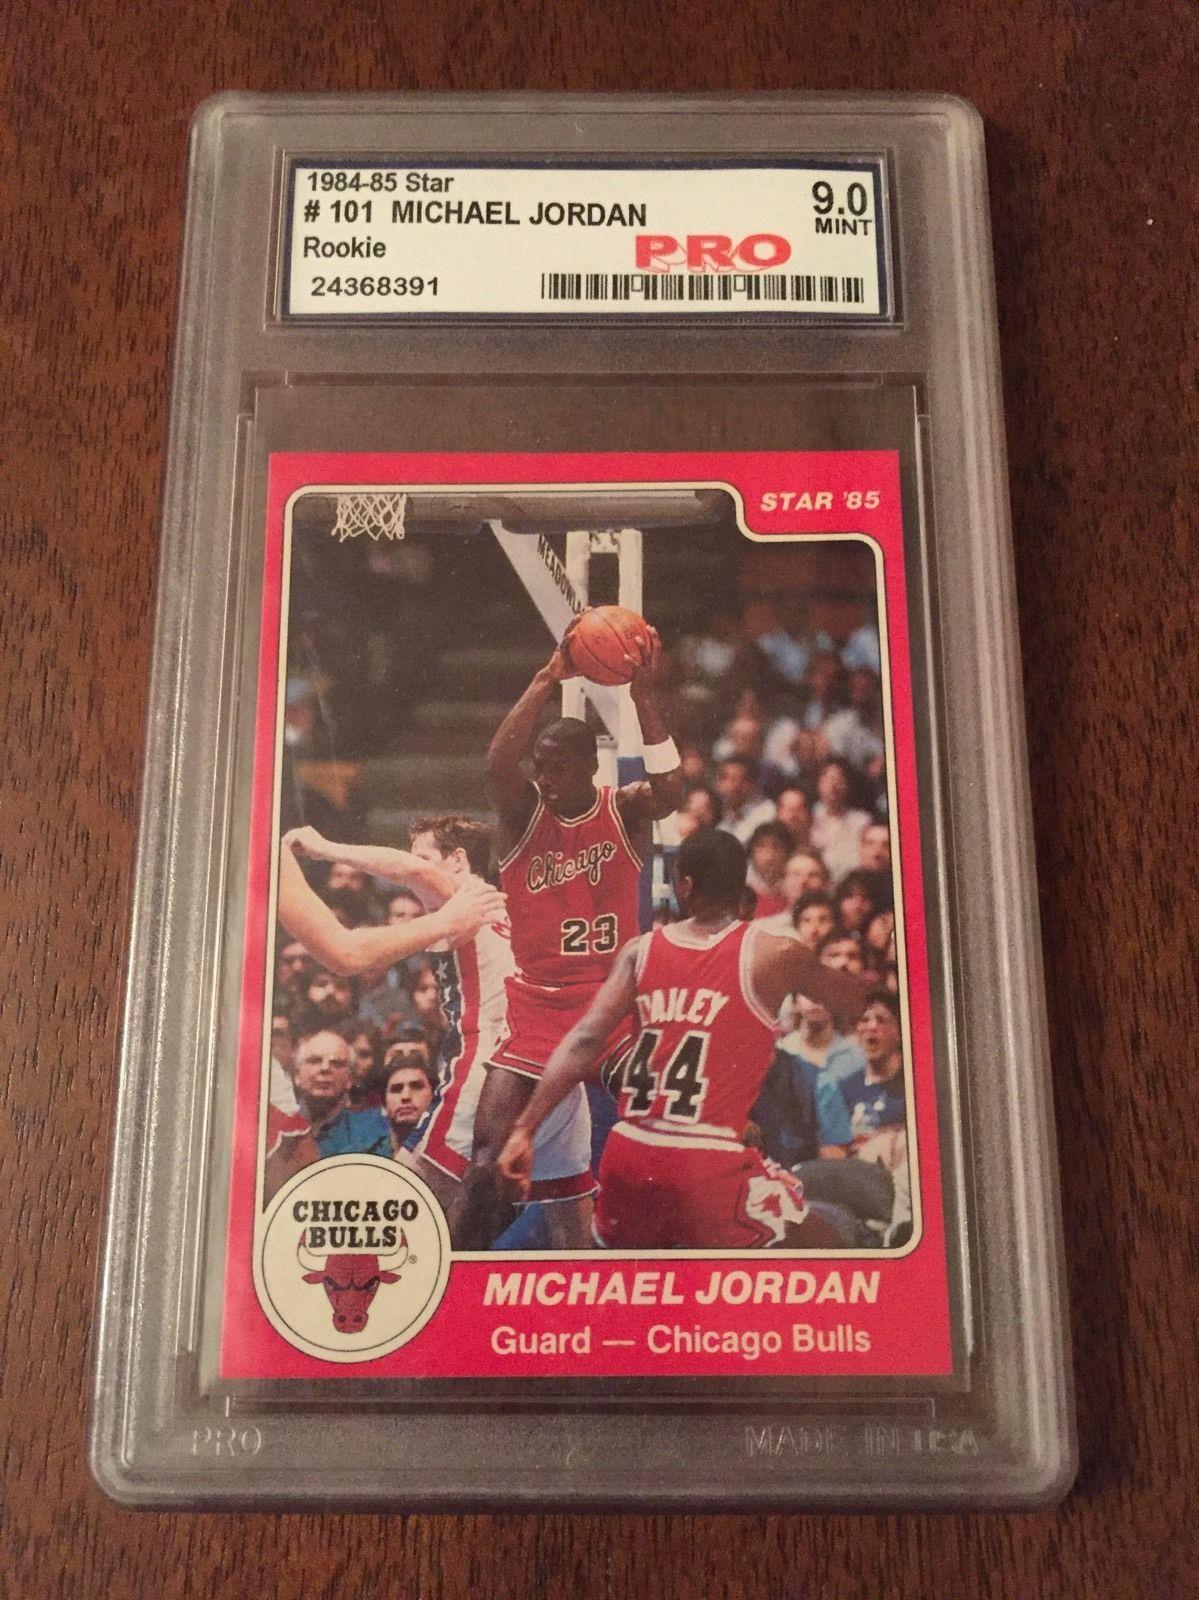 198485 Star Michael Jordan XRC RC 101 Rookie Card 8485 Pro Graded 90 Mint 9